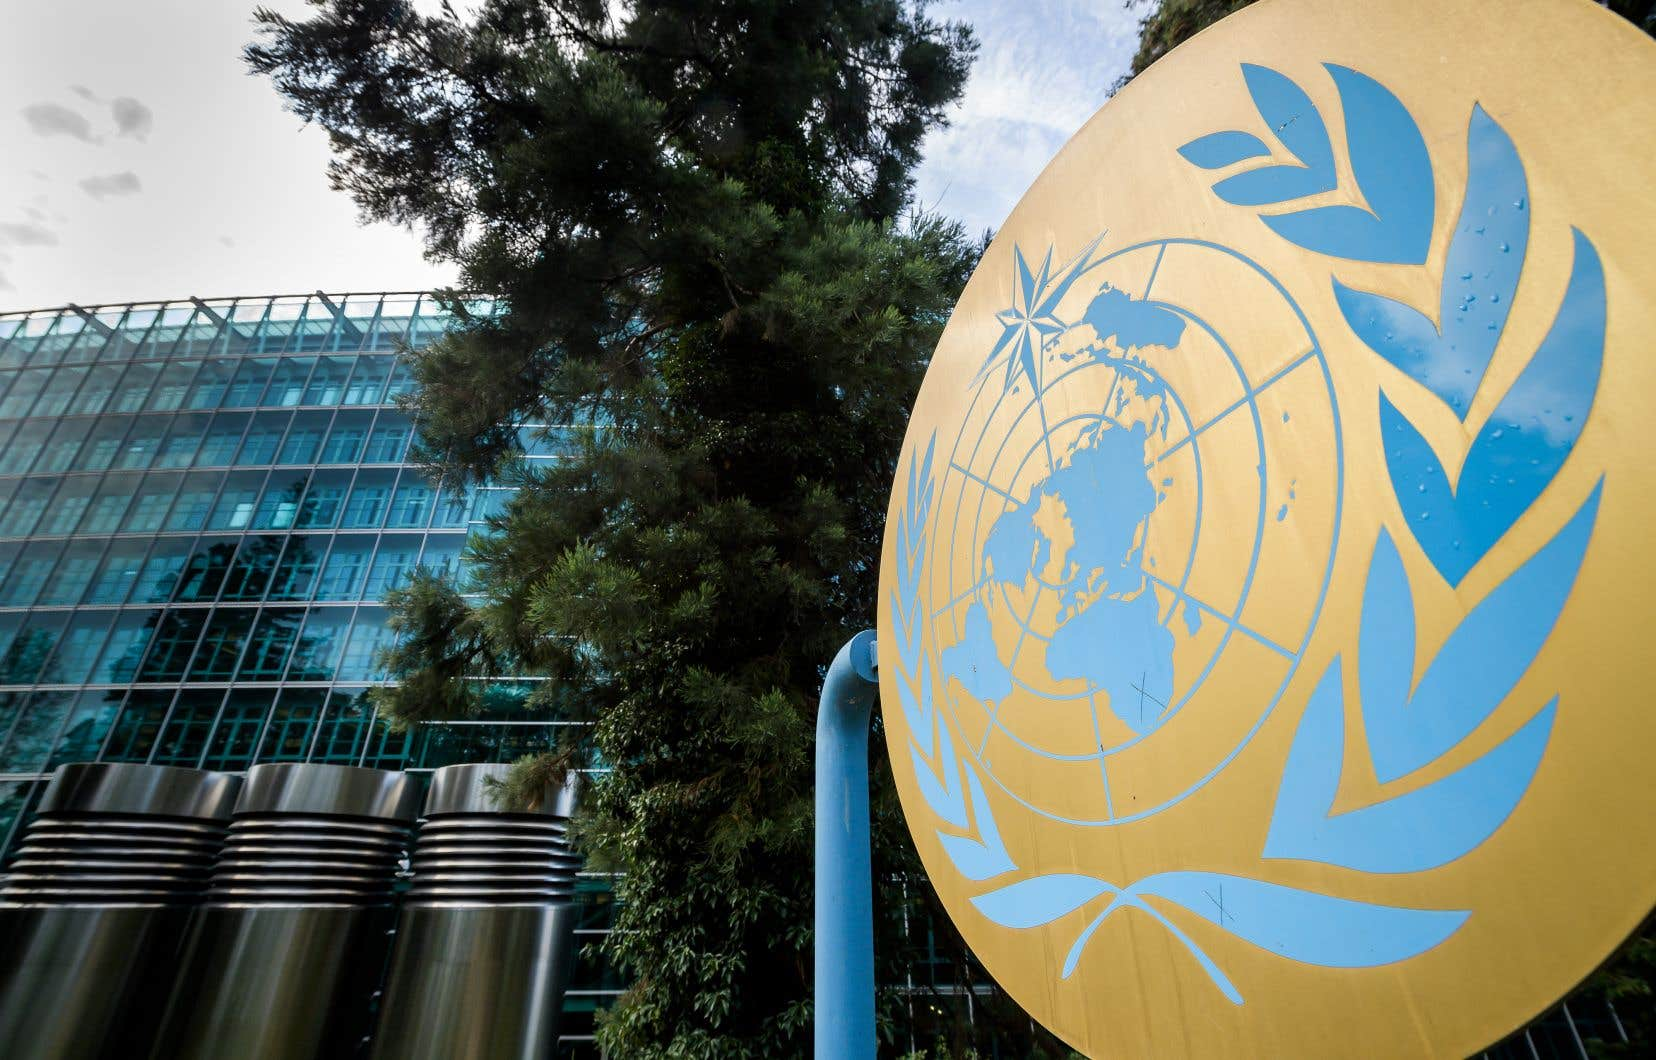 <p>Le rapport spécial du groupe d'experts de l'ONU sur le climat consacré au «changement climatique, la désertification, la dégradation des sols, la gestion durable des terres, la sécurité alimentaire et les flux de gaz à effet de serre dans les écosystèmes terrestres»doit être rendu public la semaine prochaine.</p>